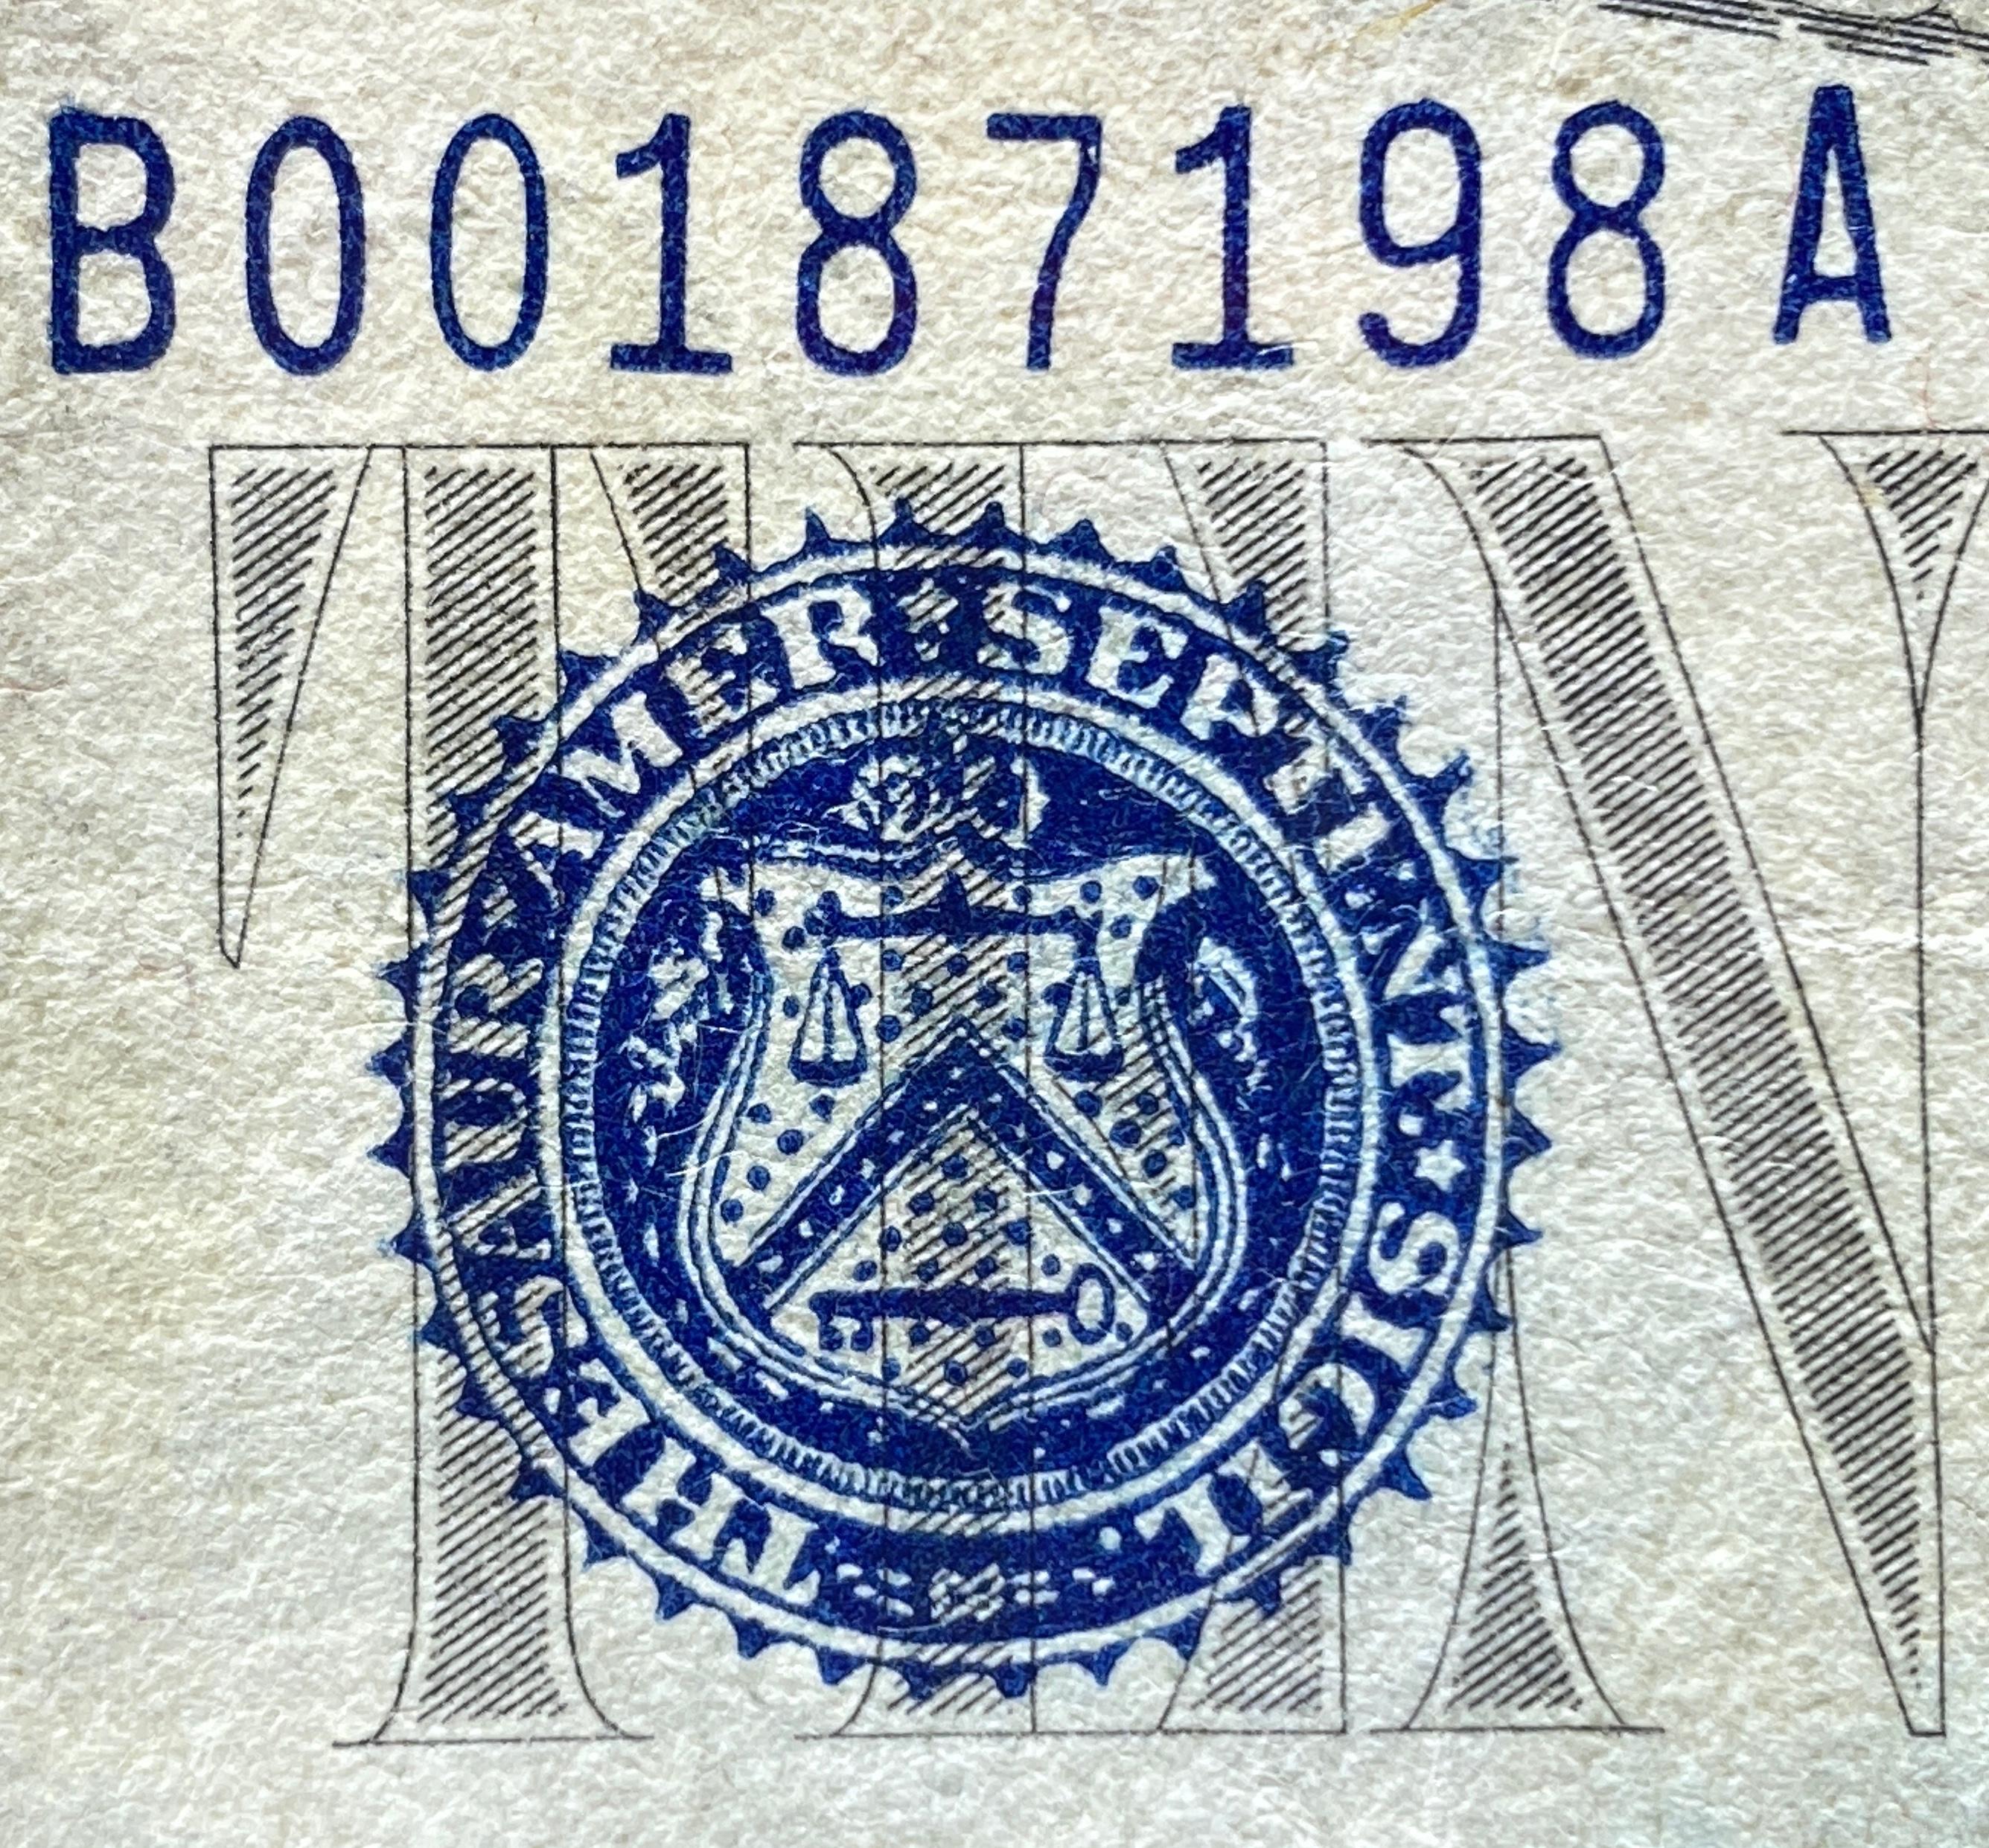 D5C7A549-00A5-4762-9C20-3E4768704B89.jpeg